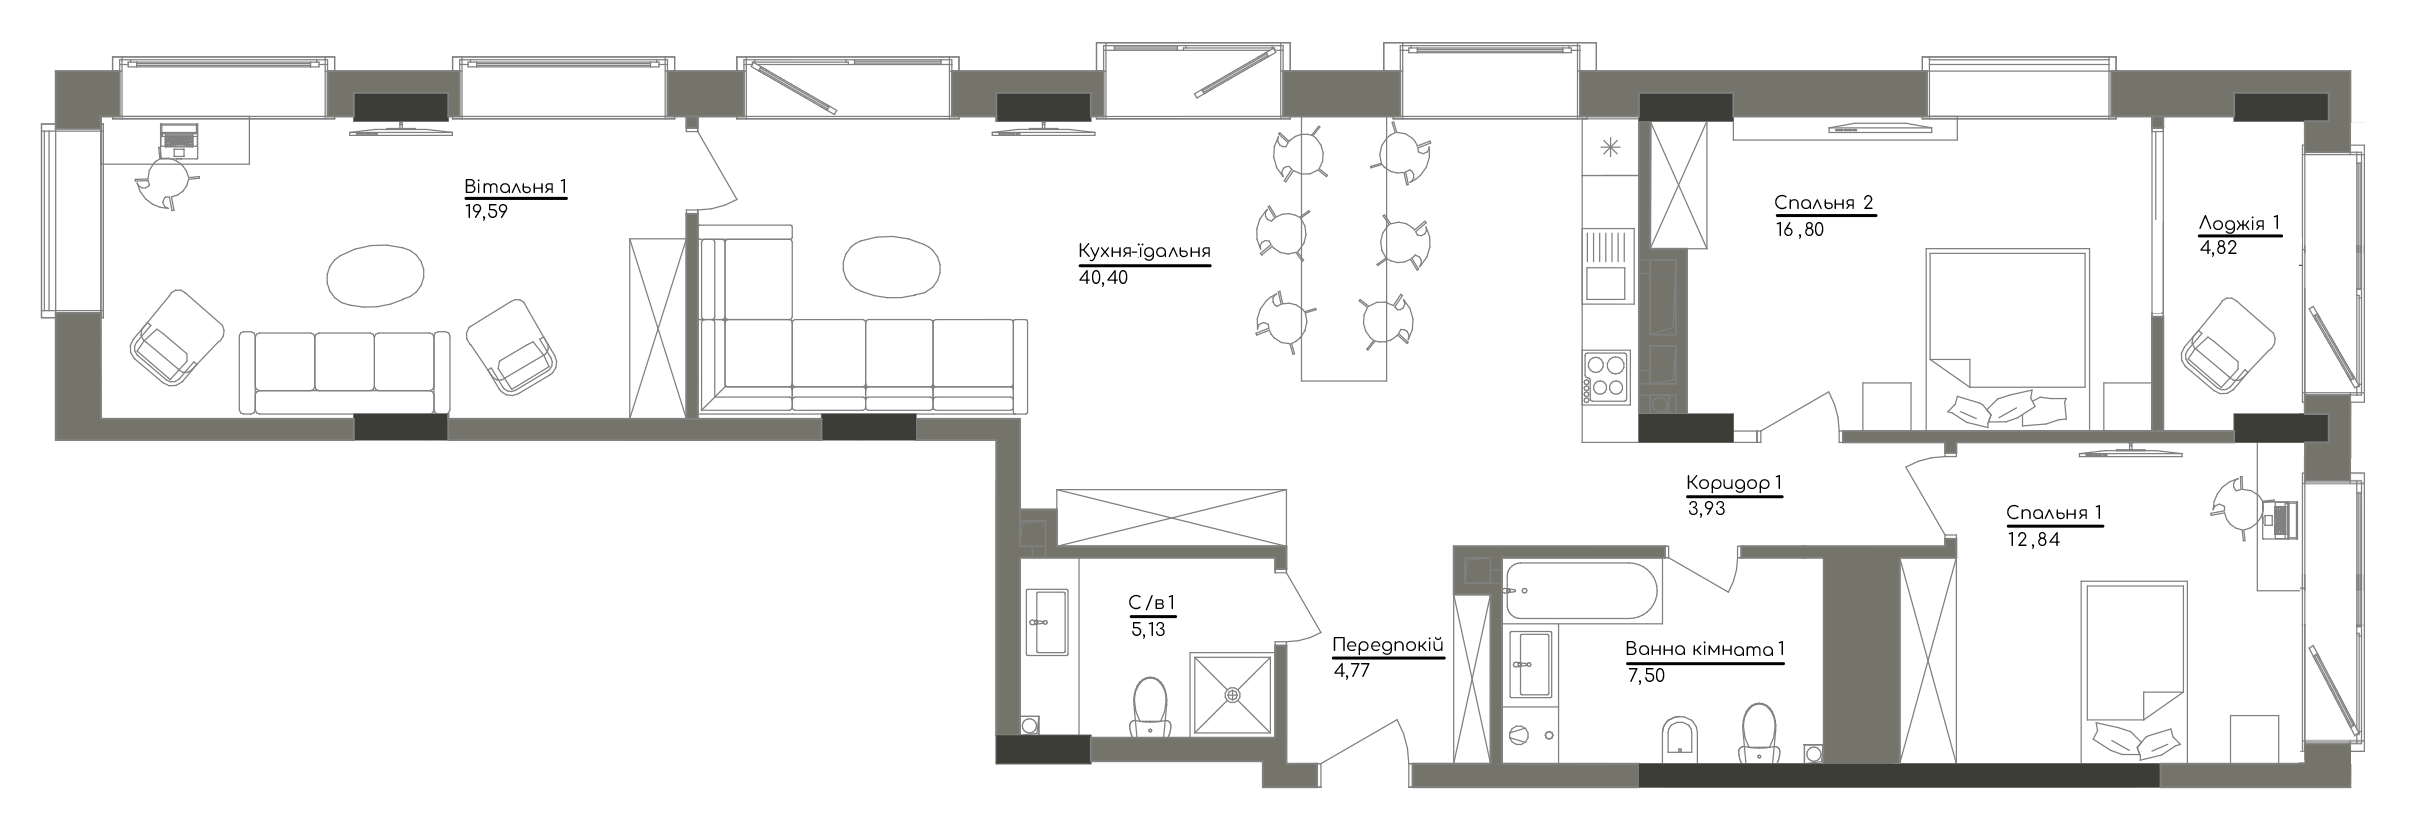 Квартира KV_44_3B_1_1_6